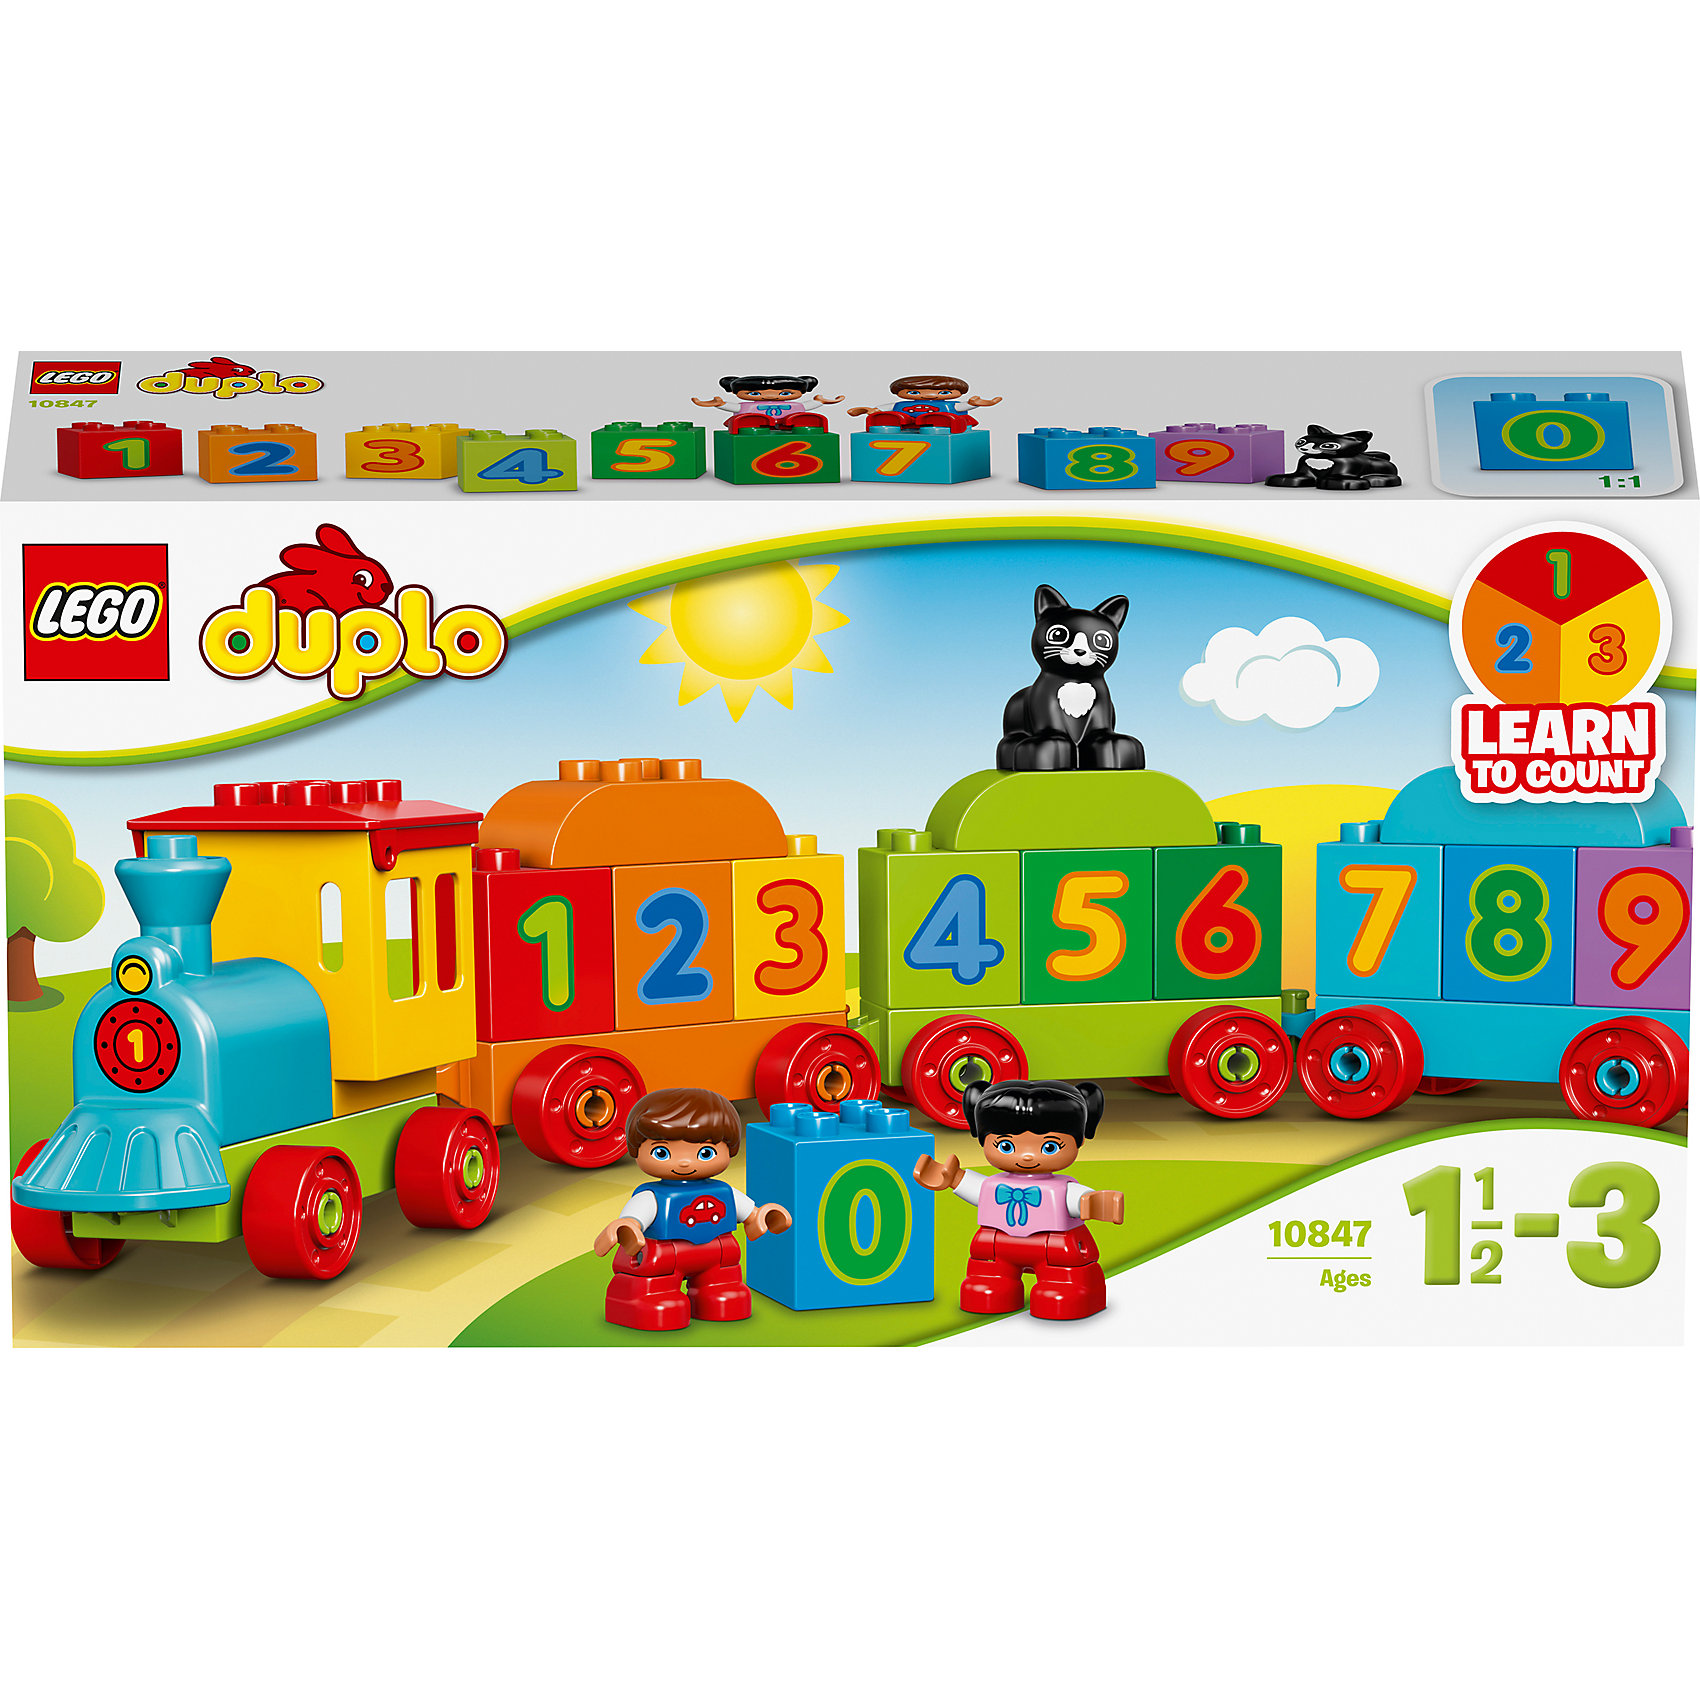 LEGO DUPLO 10847: Поезд «Считай и играй»Пластмассовые конструкторы<br>LEGO DUPLO 10847: Поезд «Считай и играй»<br><br>Характеристики:<br><br>- в набор входит: детали поезда, 2 фигурки детей, 1 фигурка кота, инструкция<br>- состав: пластик<br>- количество деталей: 24<br>- для детей в возрасте: от 2 до 5 лет<br>- Страна производитель: Дания/Китай/Чехия/<br><br>Легендарный конструктор LEGO (ЛЕГО) представляет серию «DUPLO» (Д?пло) для самых маленьких. Крупные детали безопасны для малышей, а интересная тематика, возможность фантазировать, собирать из конструктора свои фигуры и играть в него приведут кроху в восторг! В этом интересном наборе с поездом и тремя вагонами едут цифры. Поезд можно перестраивать на свой вкус, даже превратив вагон в башню из цифр. Веселый черный кот поможет выучить цифры и научиться считать. Фигурки мальчика и девочки отлично детализированы и качественно прорисованы. Мальчик и девочка радуются своим новым приключениям, а также умному коту. Играя с этим конструктором ребенок сможет развить внимание, память, моторику ручек, а также творческие способности. <br><br>Конструктор  LEGO DUPLO 10847: Поезд «Считай и играй» можно купить в нашем интернет-магазине.<br><br>Ширина мм: 356<br>Глубина мм: 193<br>Высота мм: 93<br>Вес г: 524<br>Возраст от месяцев: 12<br>Возраст до месяцев: 36<br>Пол: Унисекс<br>Возраст: Детский<br>SKU: 5002513